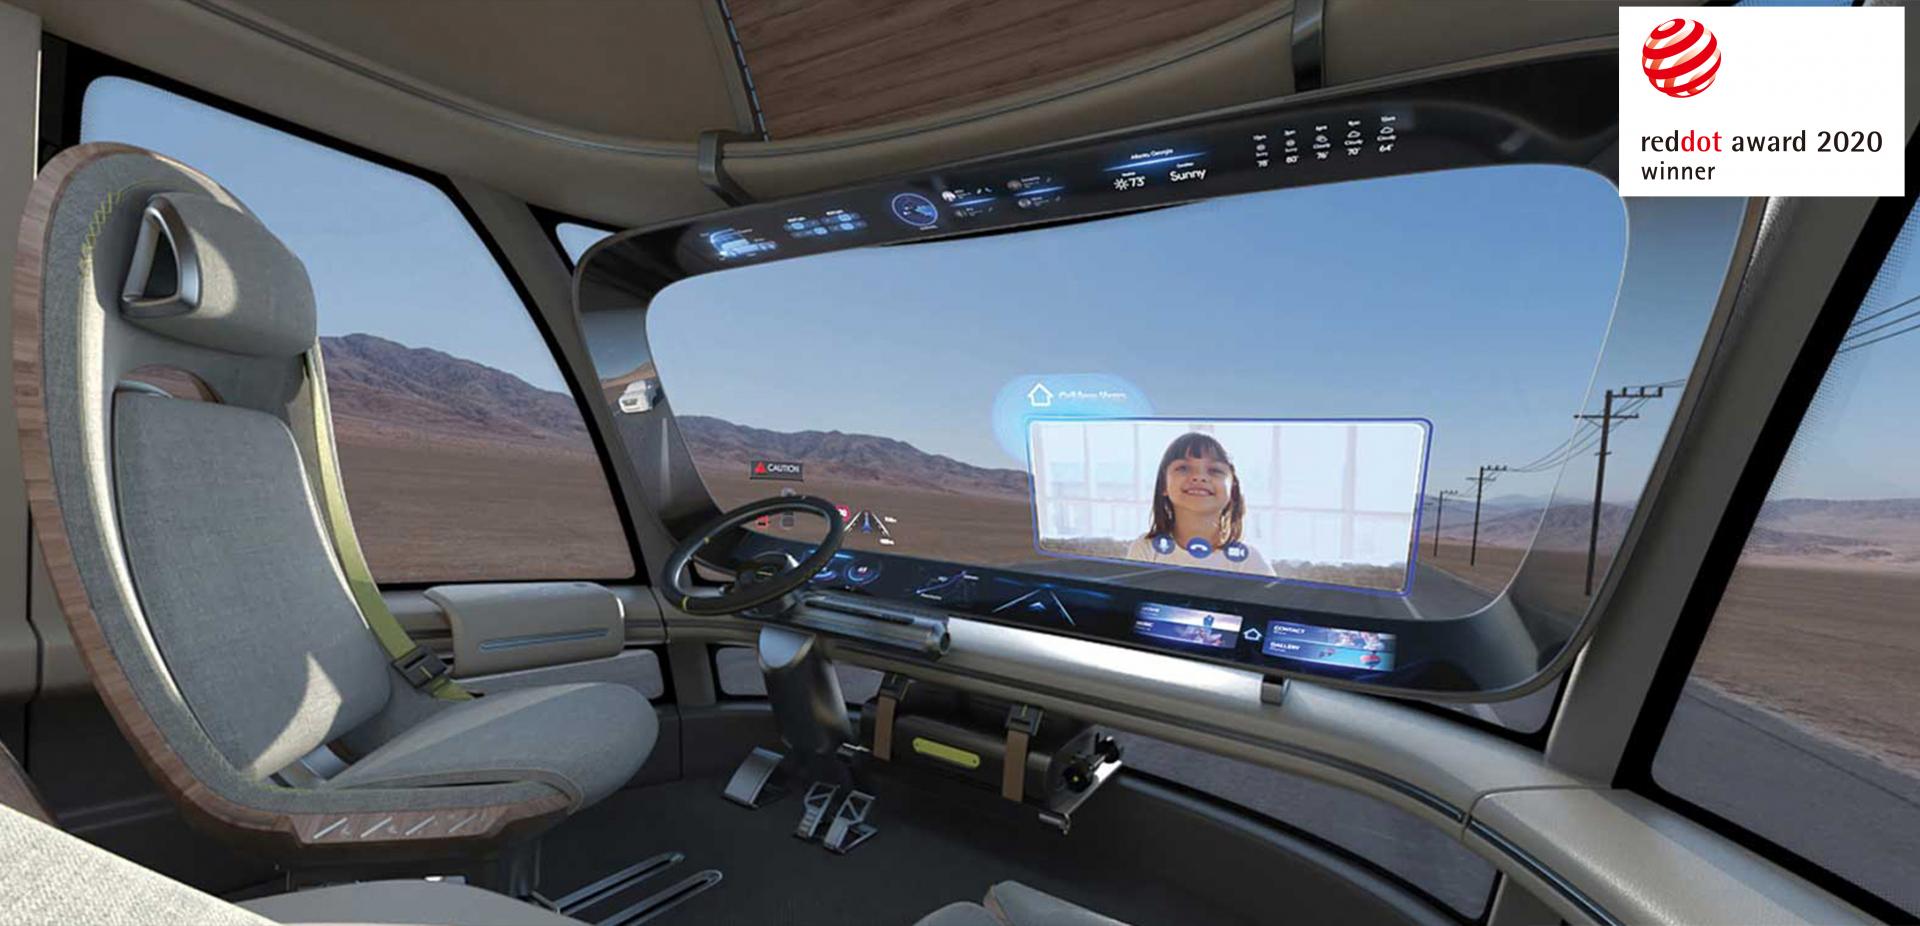 Компанія Hyundai Motor отримала три нагороди Red Dot Award 2020 за концептуальний дизайн | Дар-Авто - фото 12